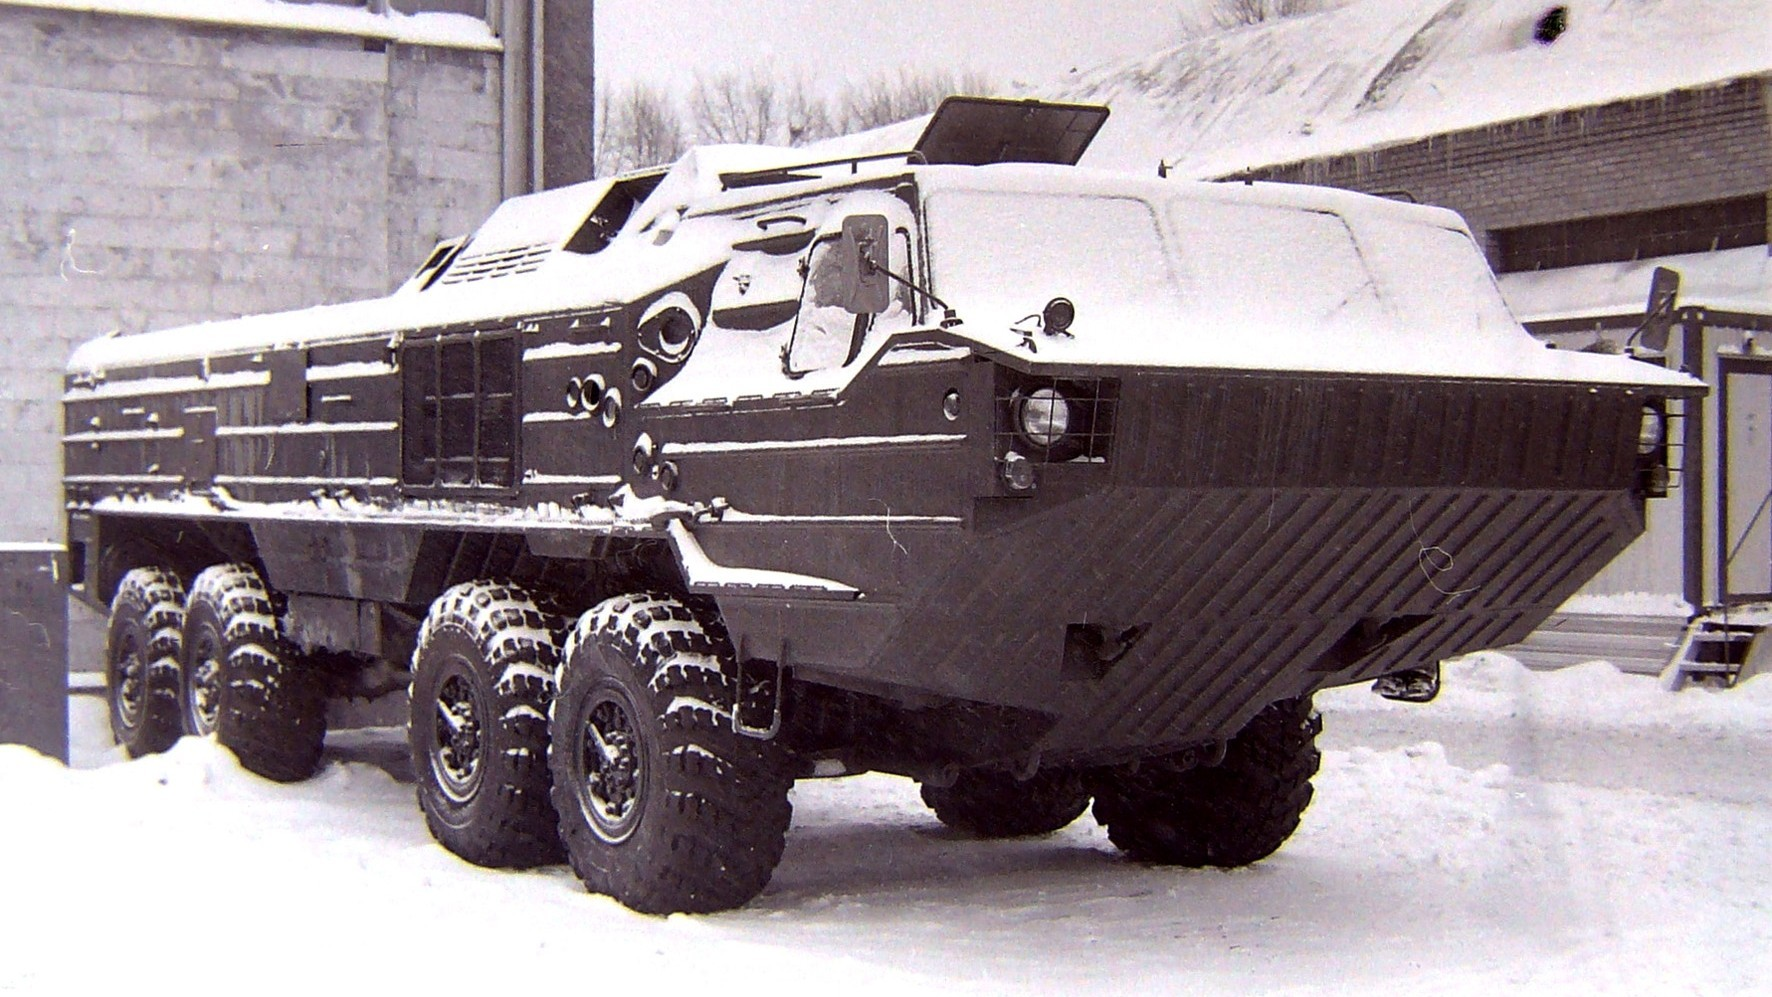 Демилитаризованная ТЗМ 9Т230 на аукционе военной техники в Москве (фото автора)